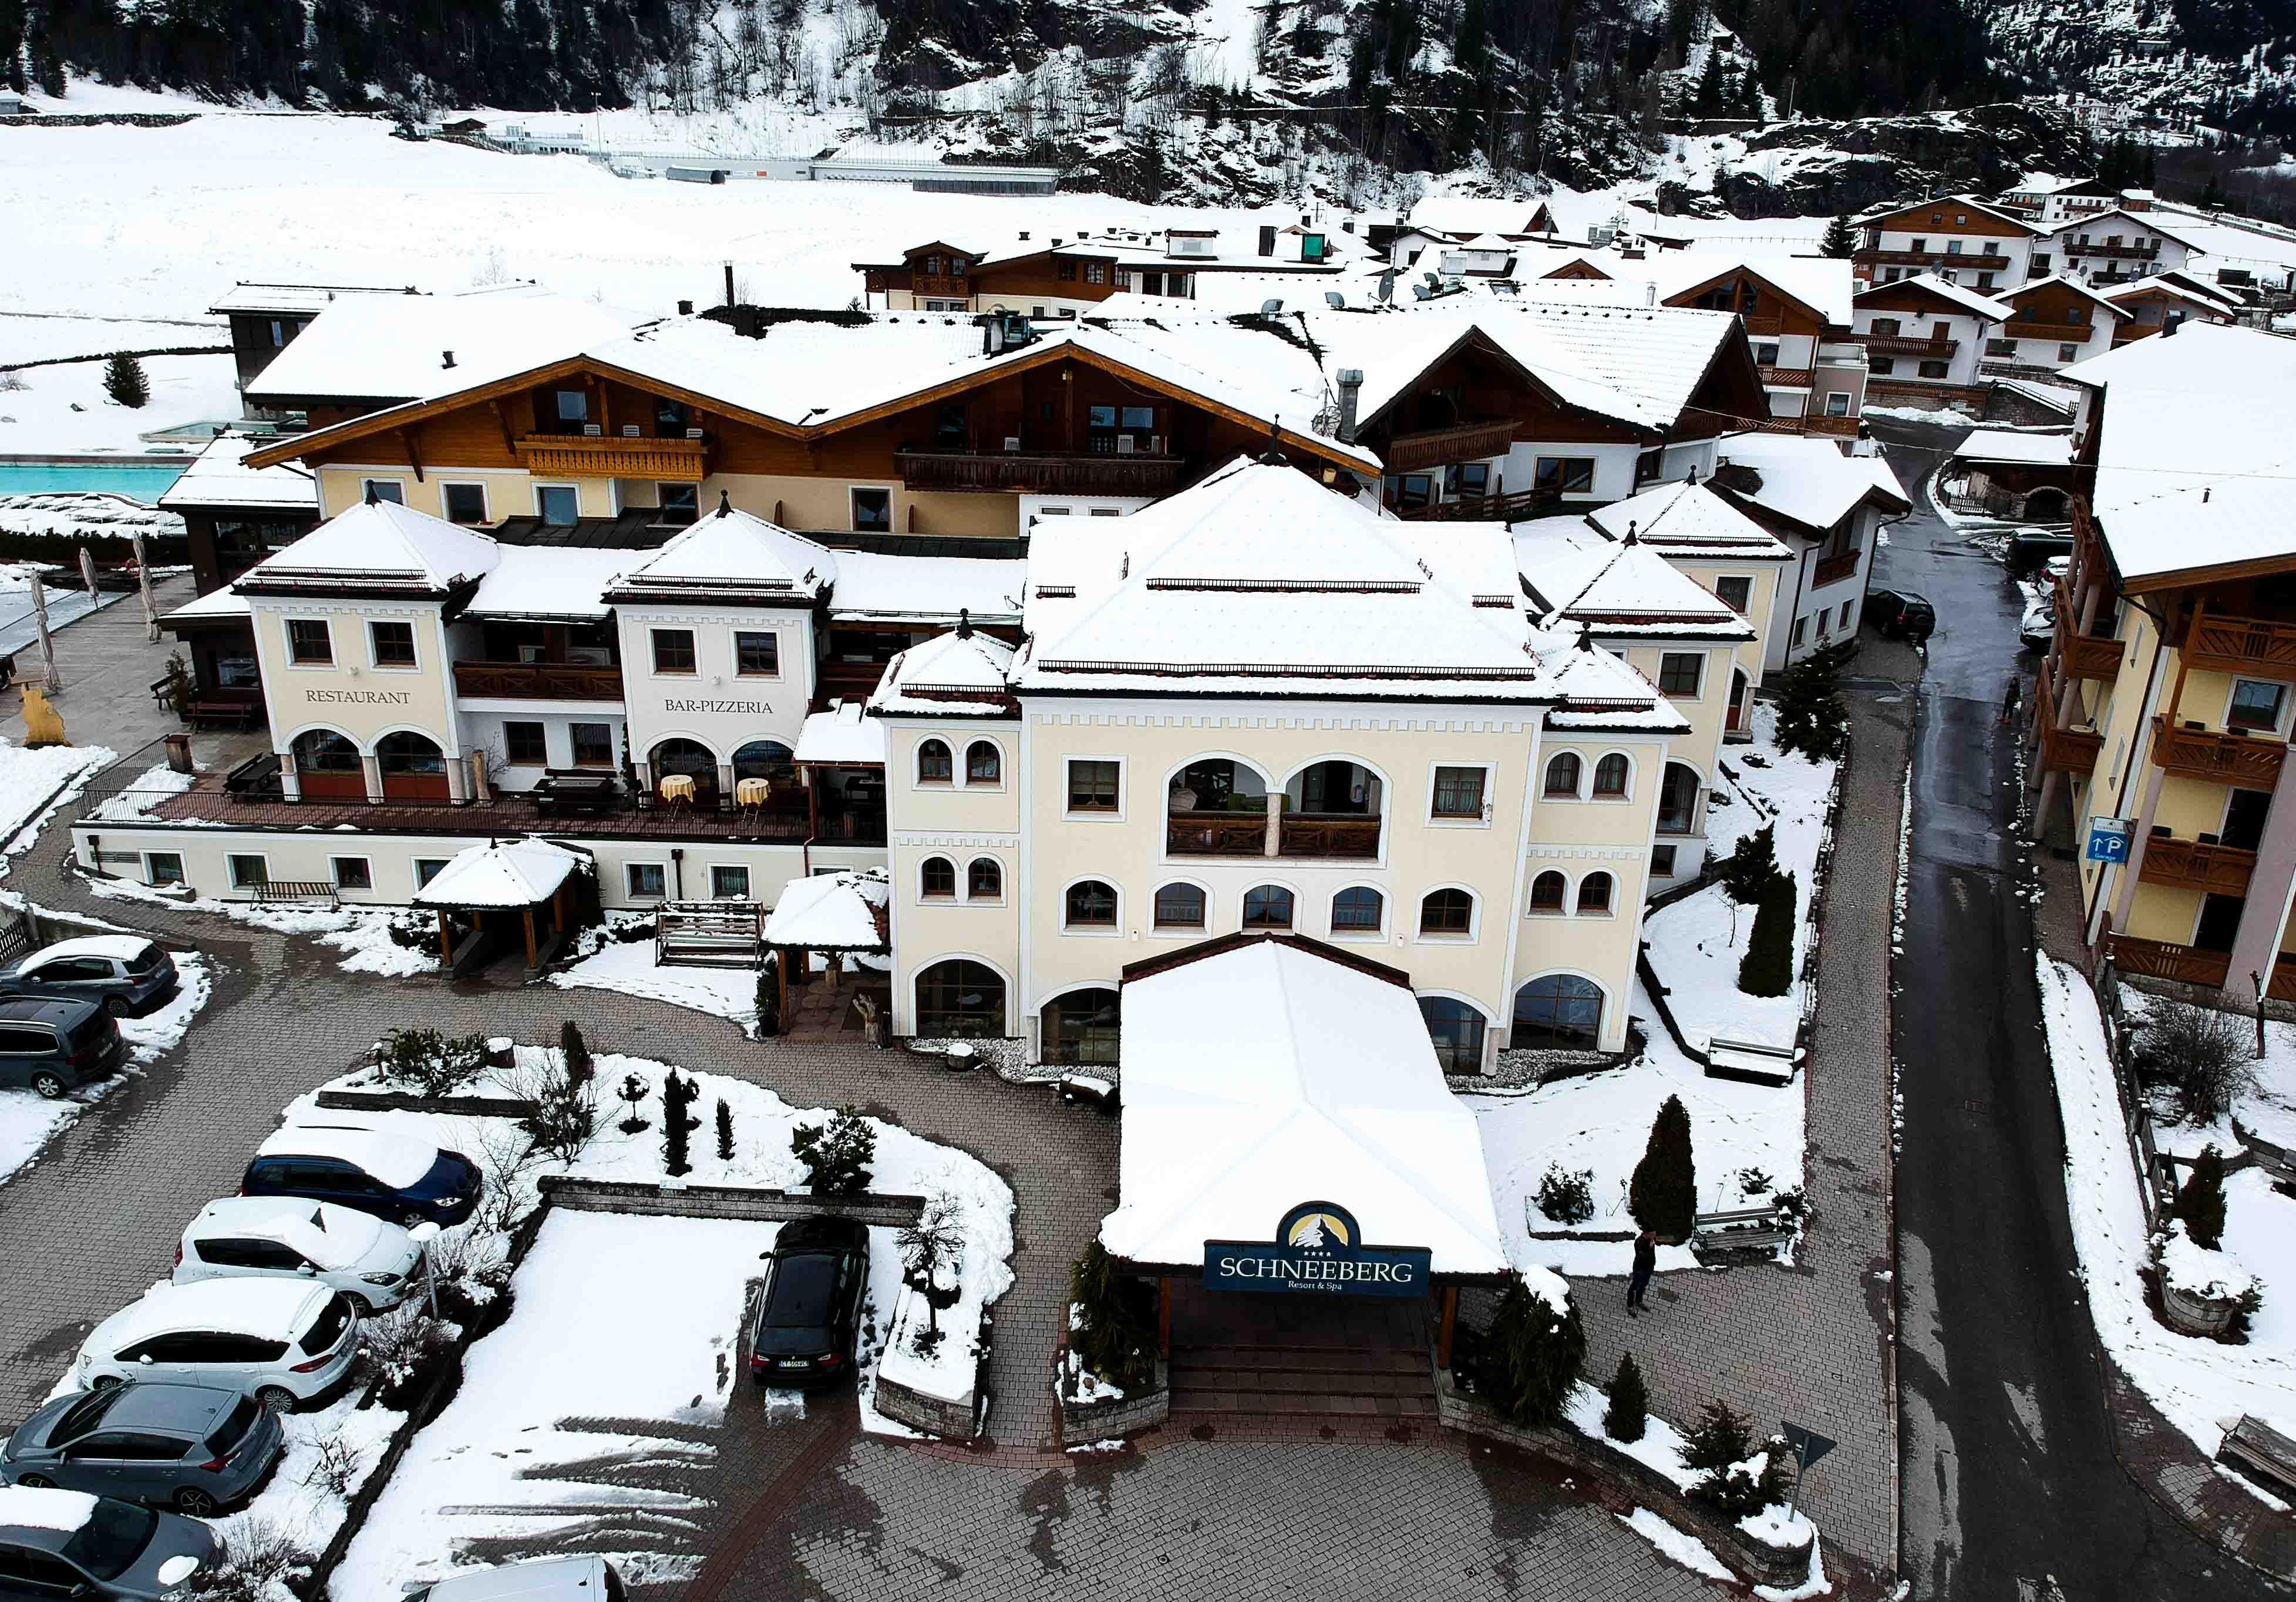 Wellnessparadies-Südtirol-Hotel-Schneeberg-Italien-Wellnesshotel-Reiseblog-Wellnessurlaub-Kurzurlaub